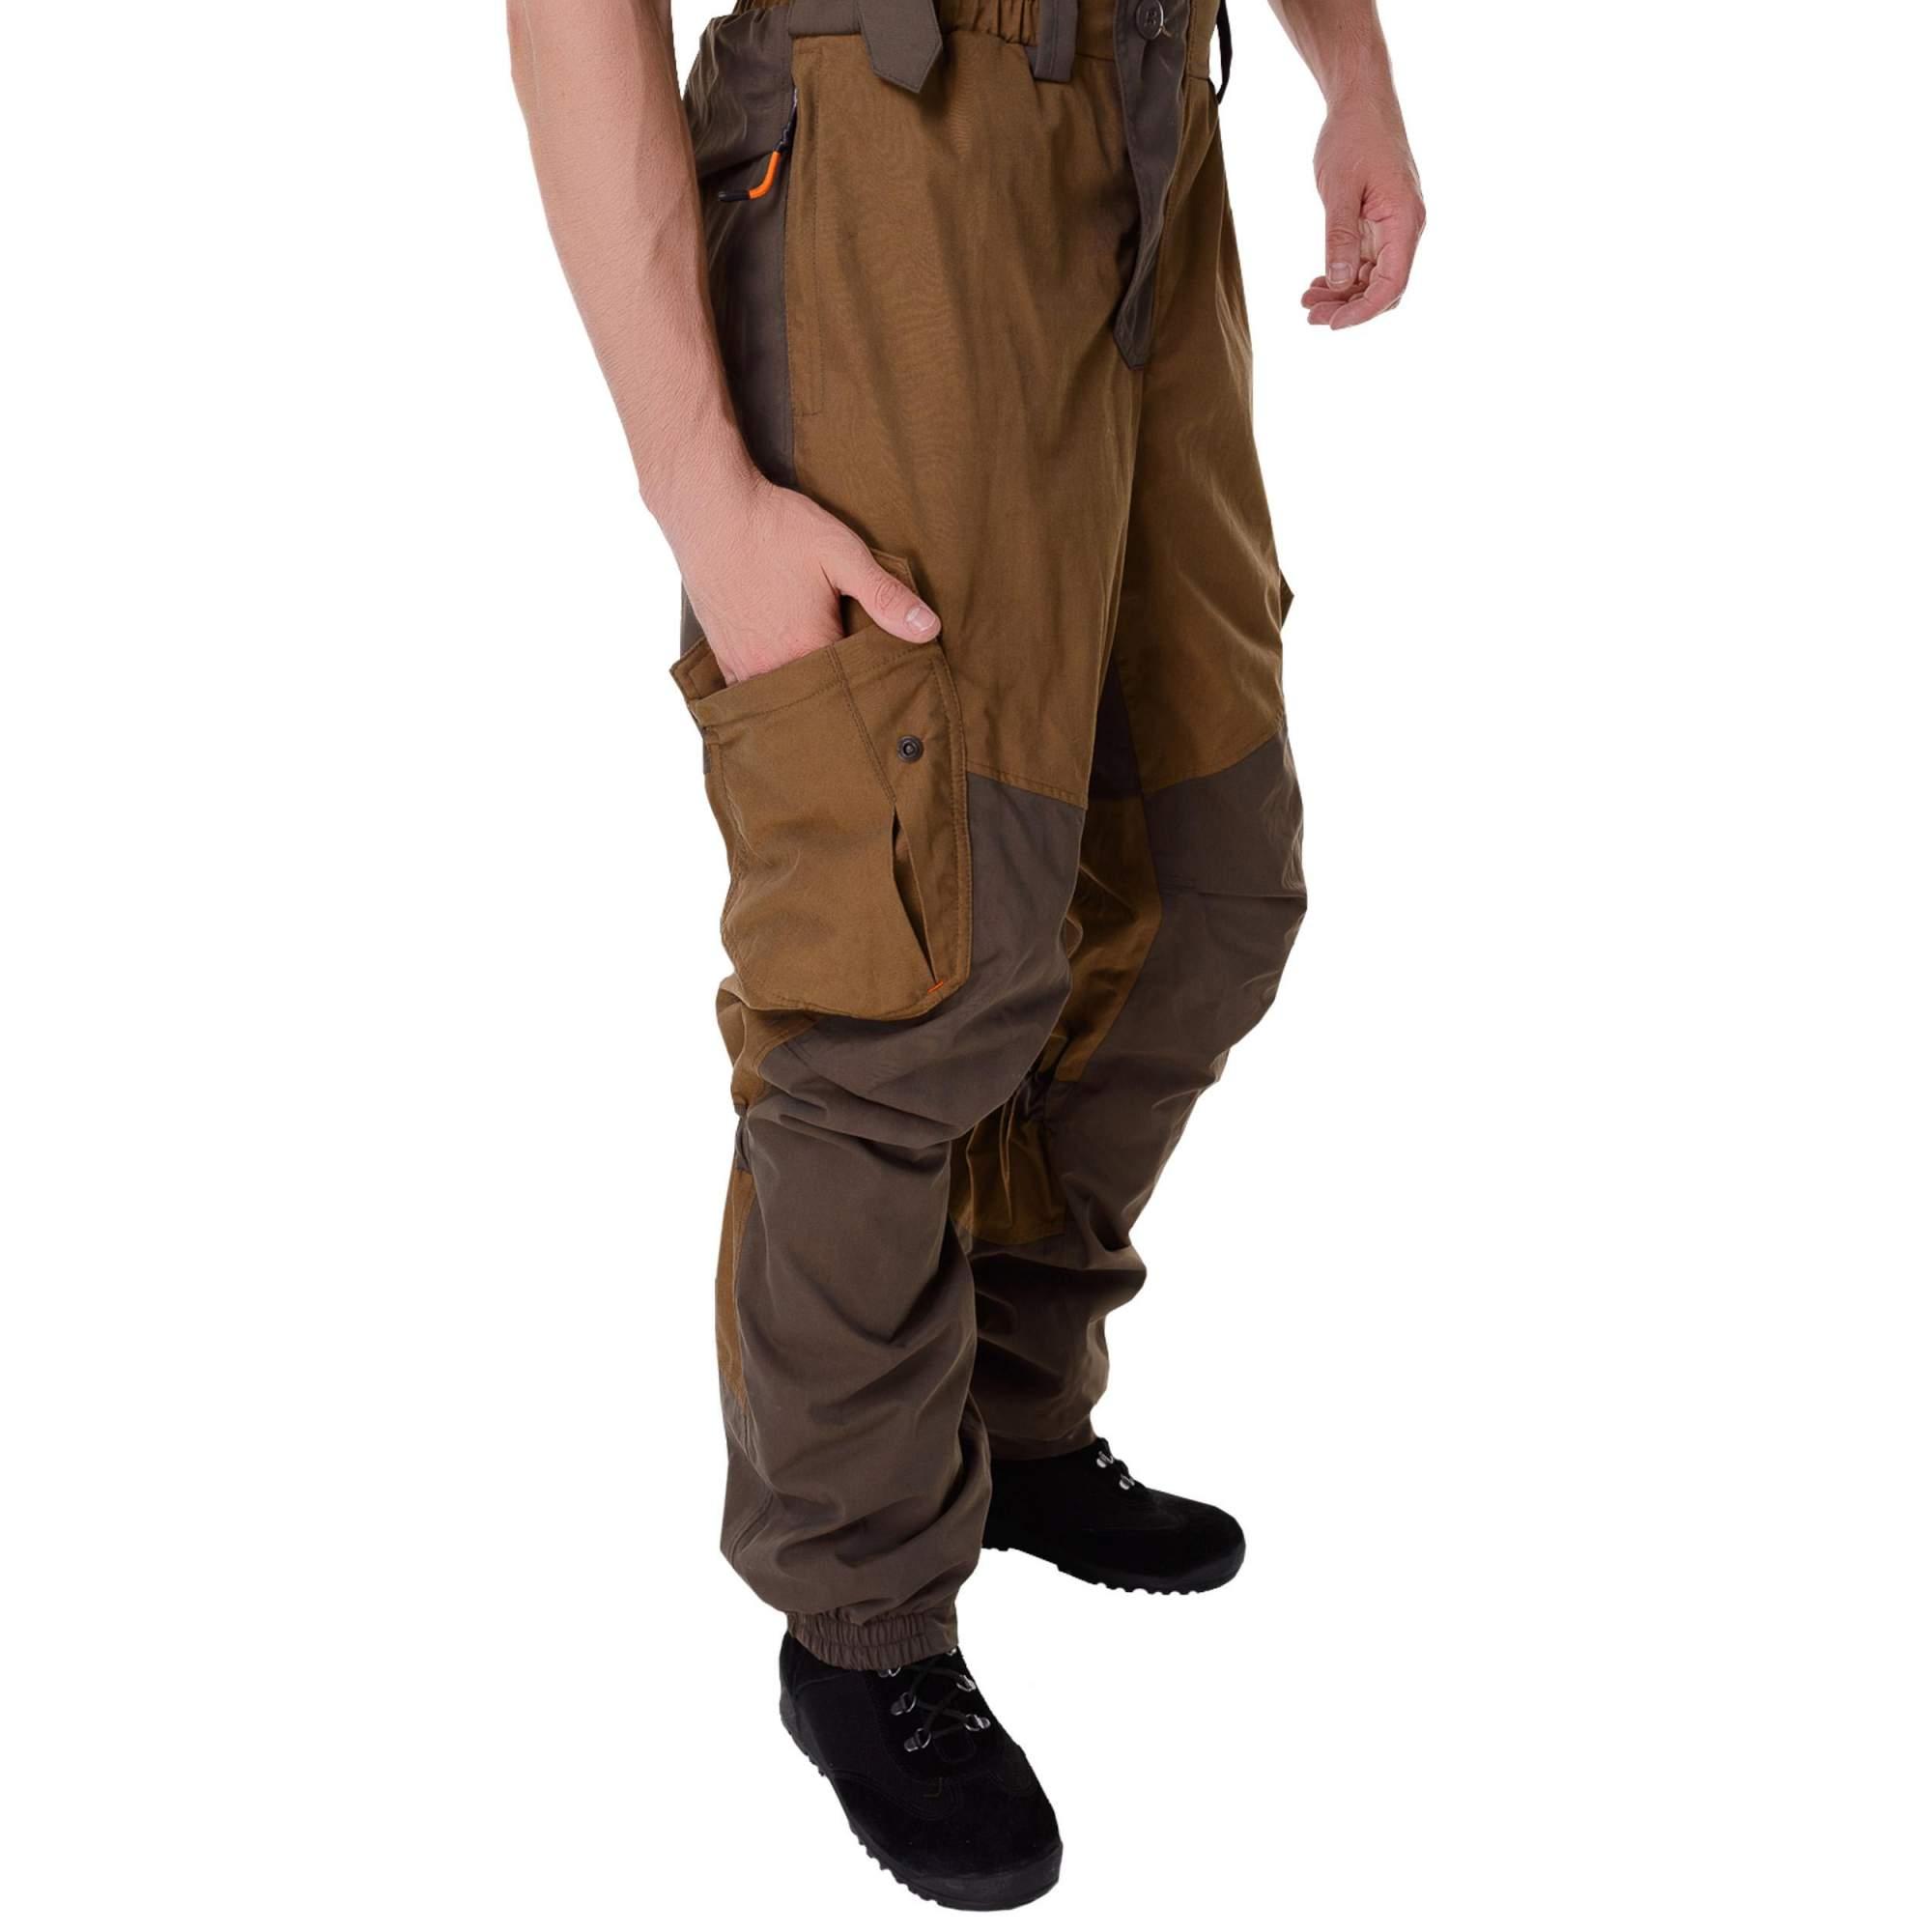 Миниатюра Костюм для рыбалки Triton Горка-5, коричневый, 120-124 RU, 182-188 см №10